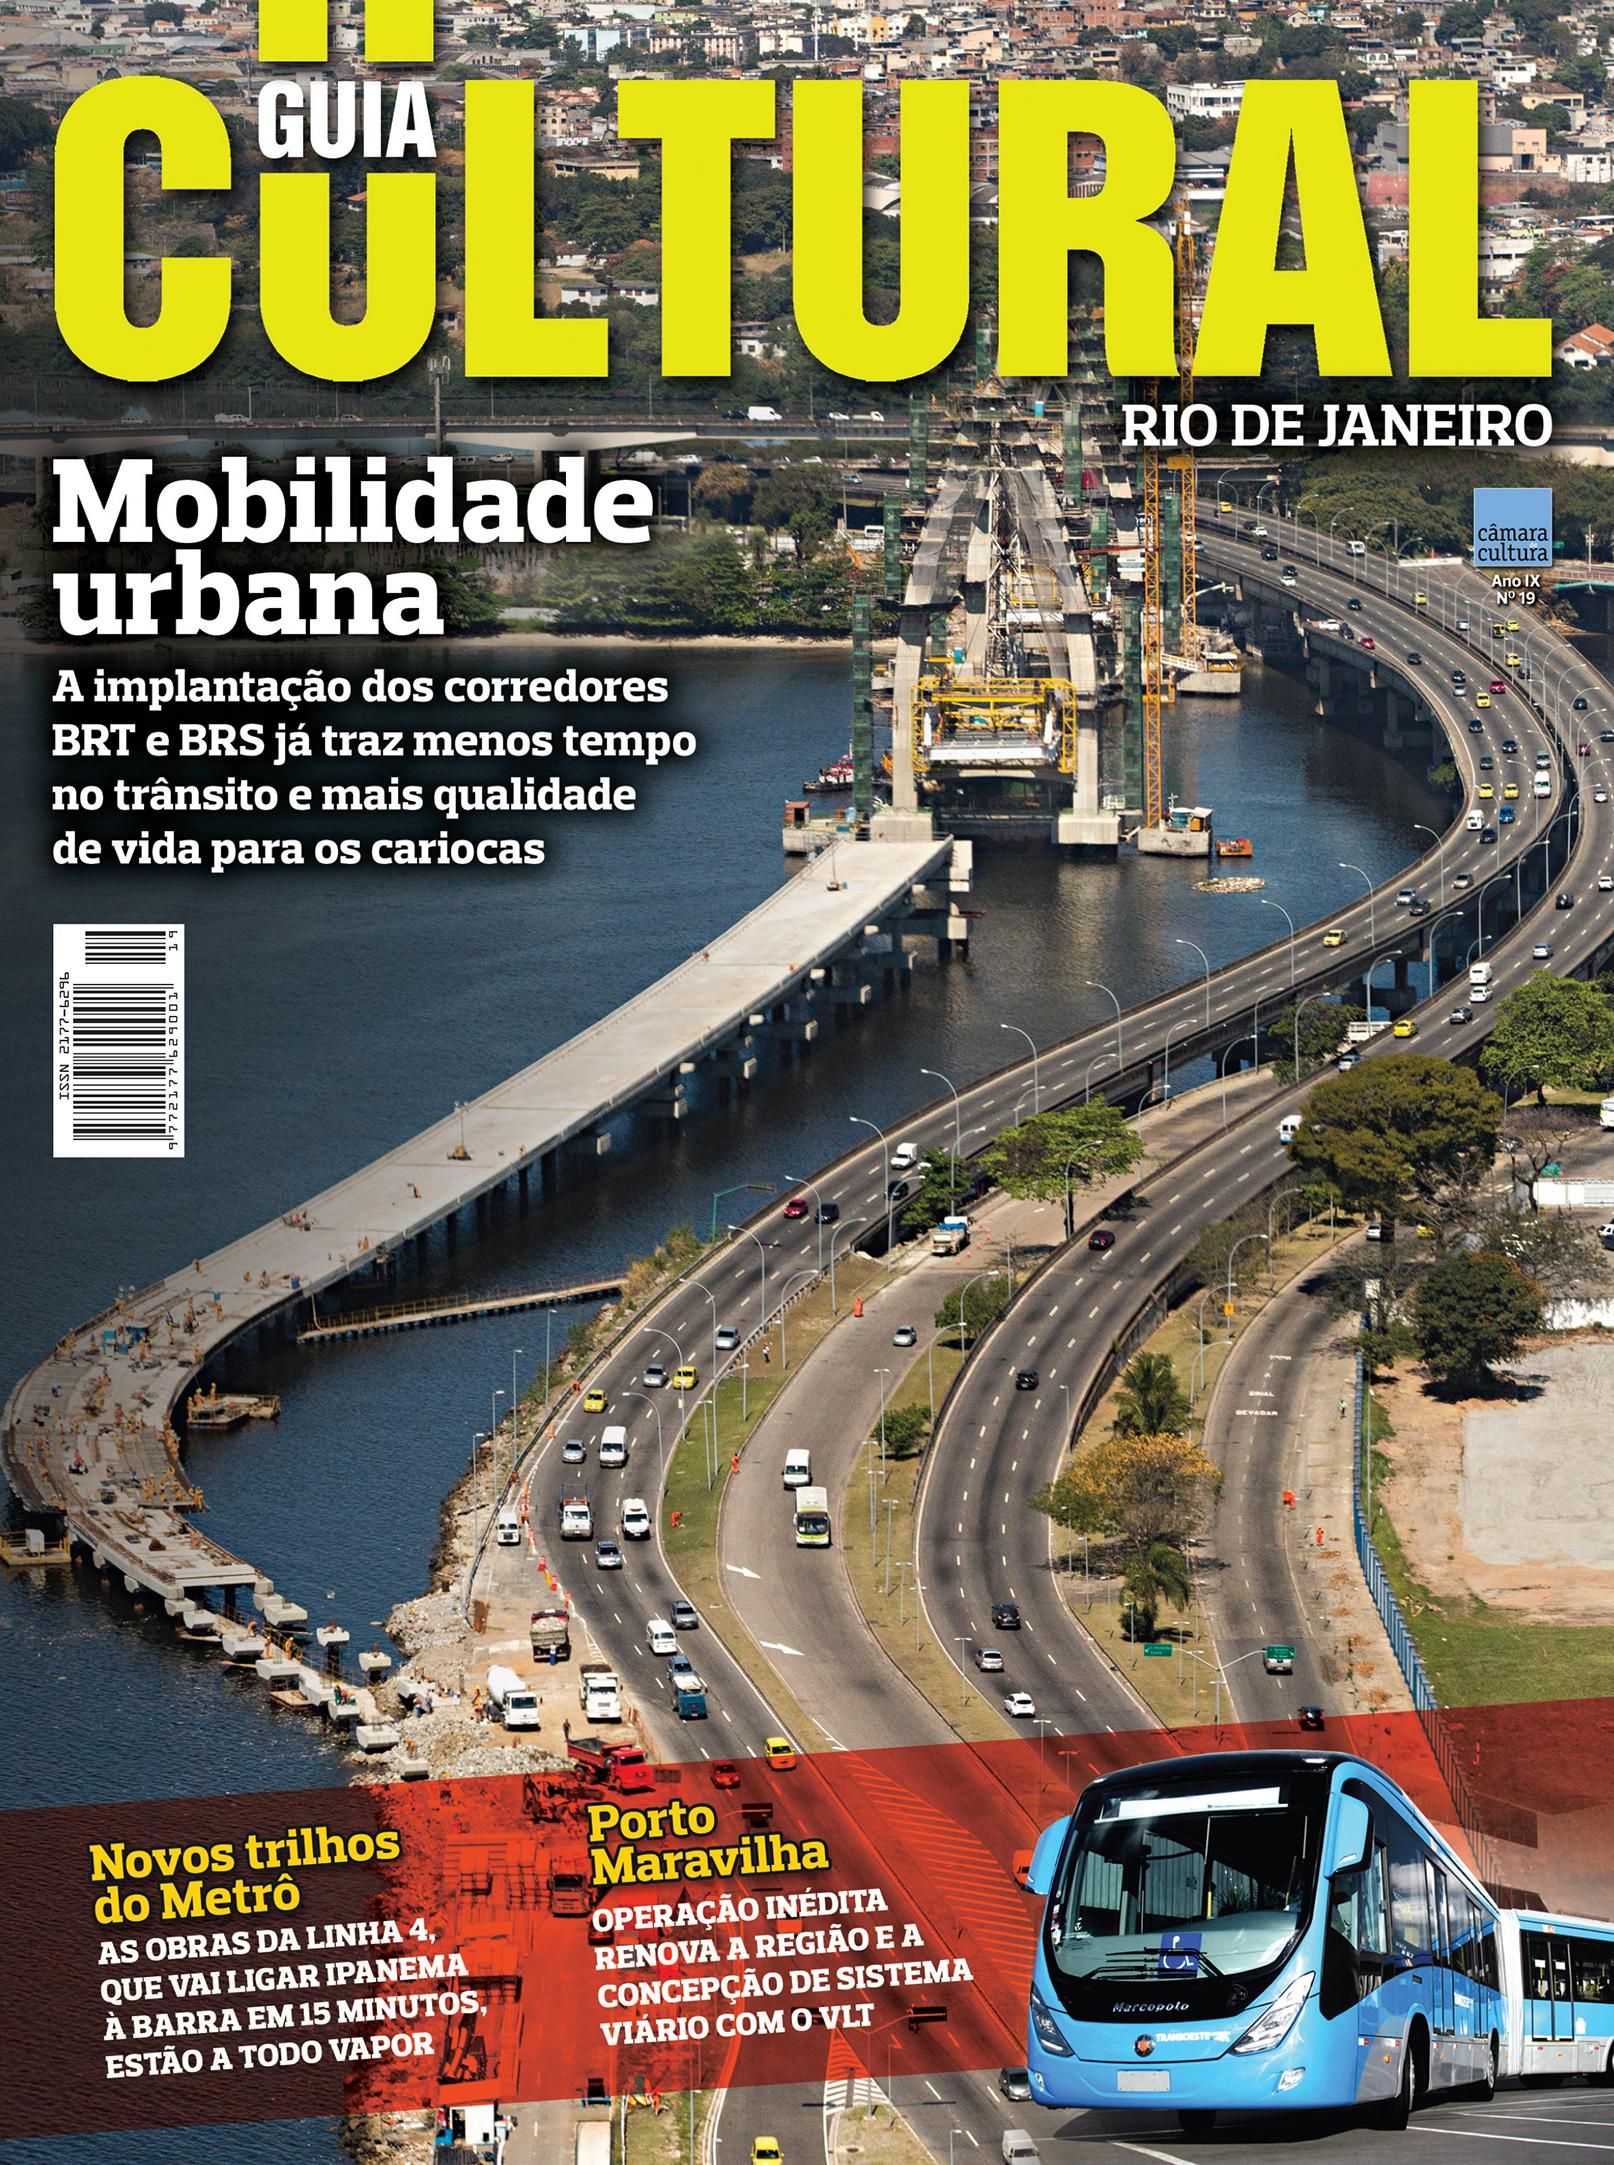 Capa da Edição nº 19 Guia Cultural Rio de Janeiro.